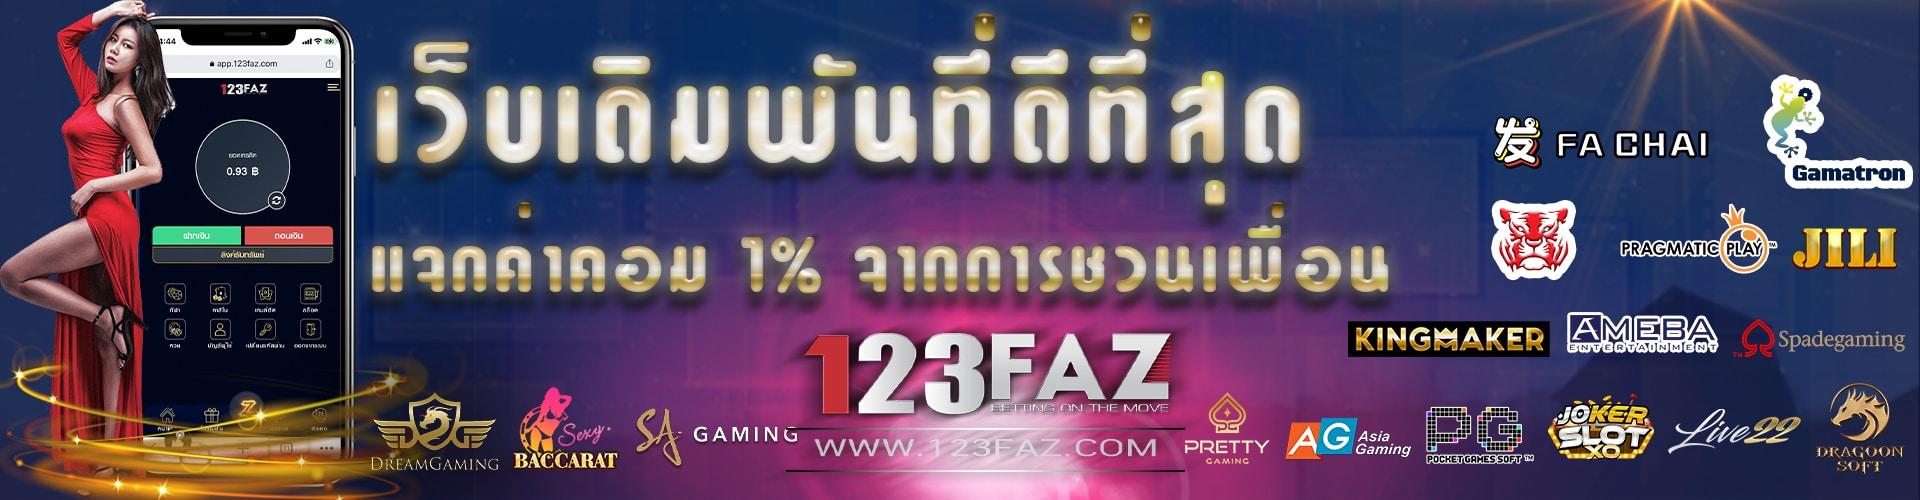 123faz SL-1